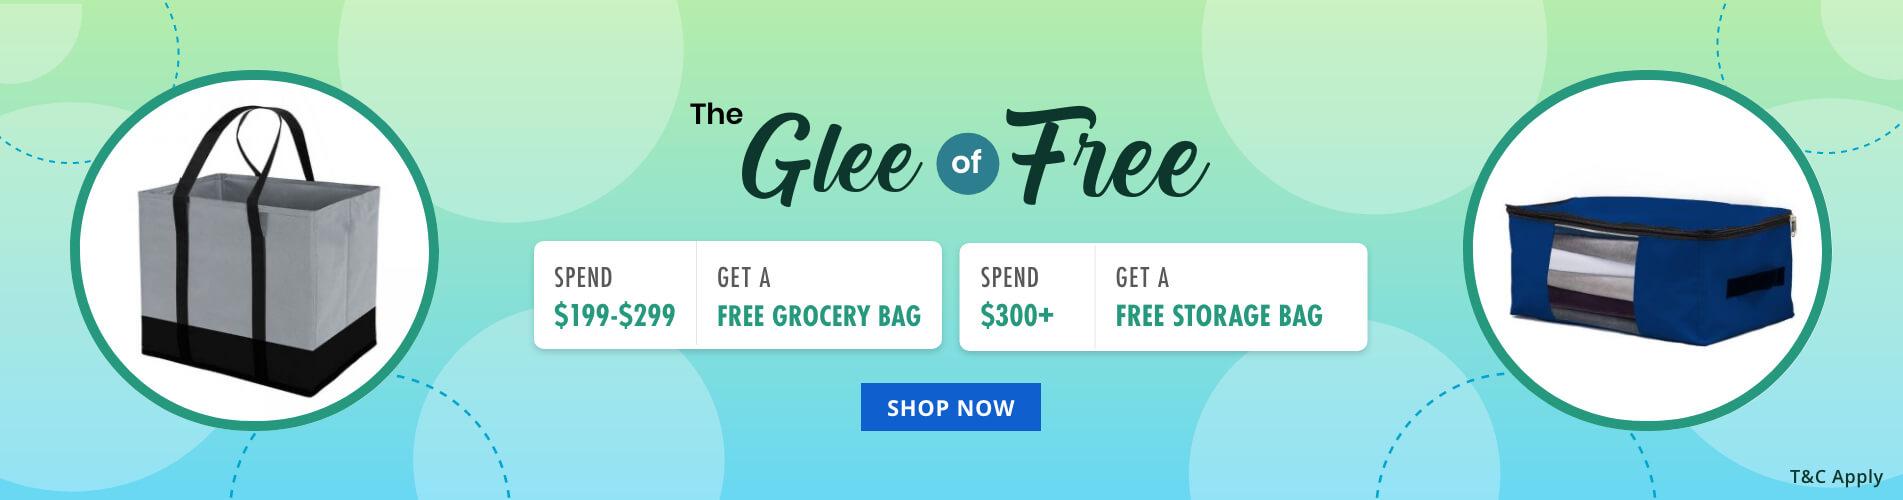 The Glee of Free - AU/CA/UK